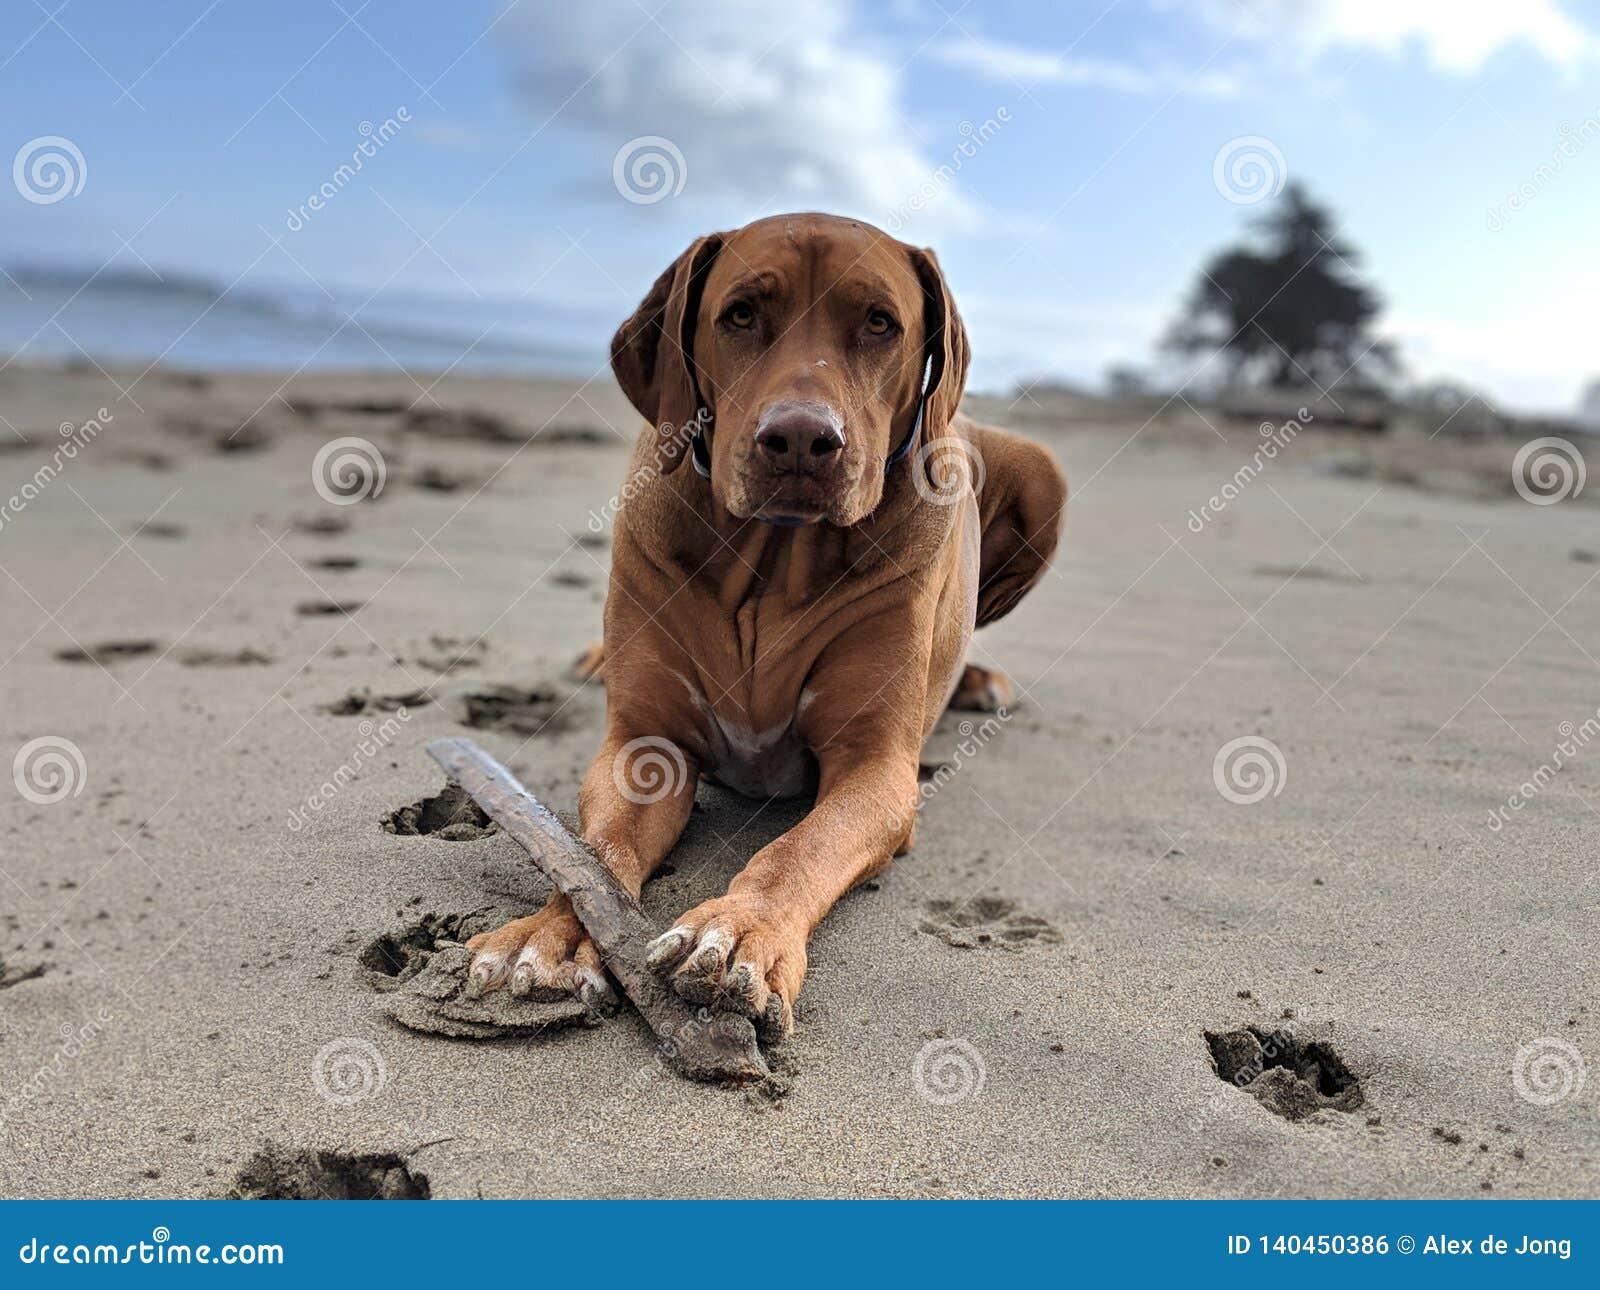 Perro grande feliz lindo con un palillo que juega búsqueda en la playa que mira la cámara con la frente arrugada en la arena con